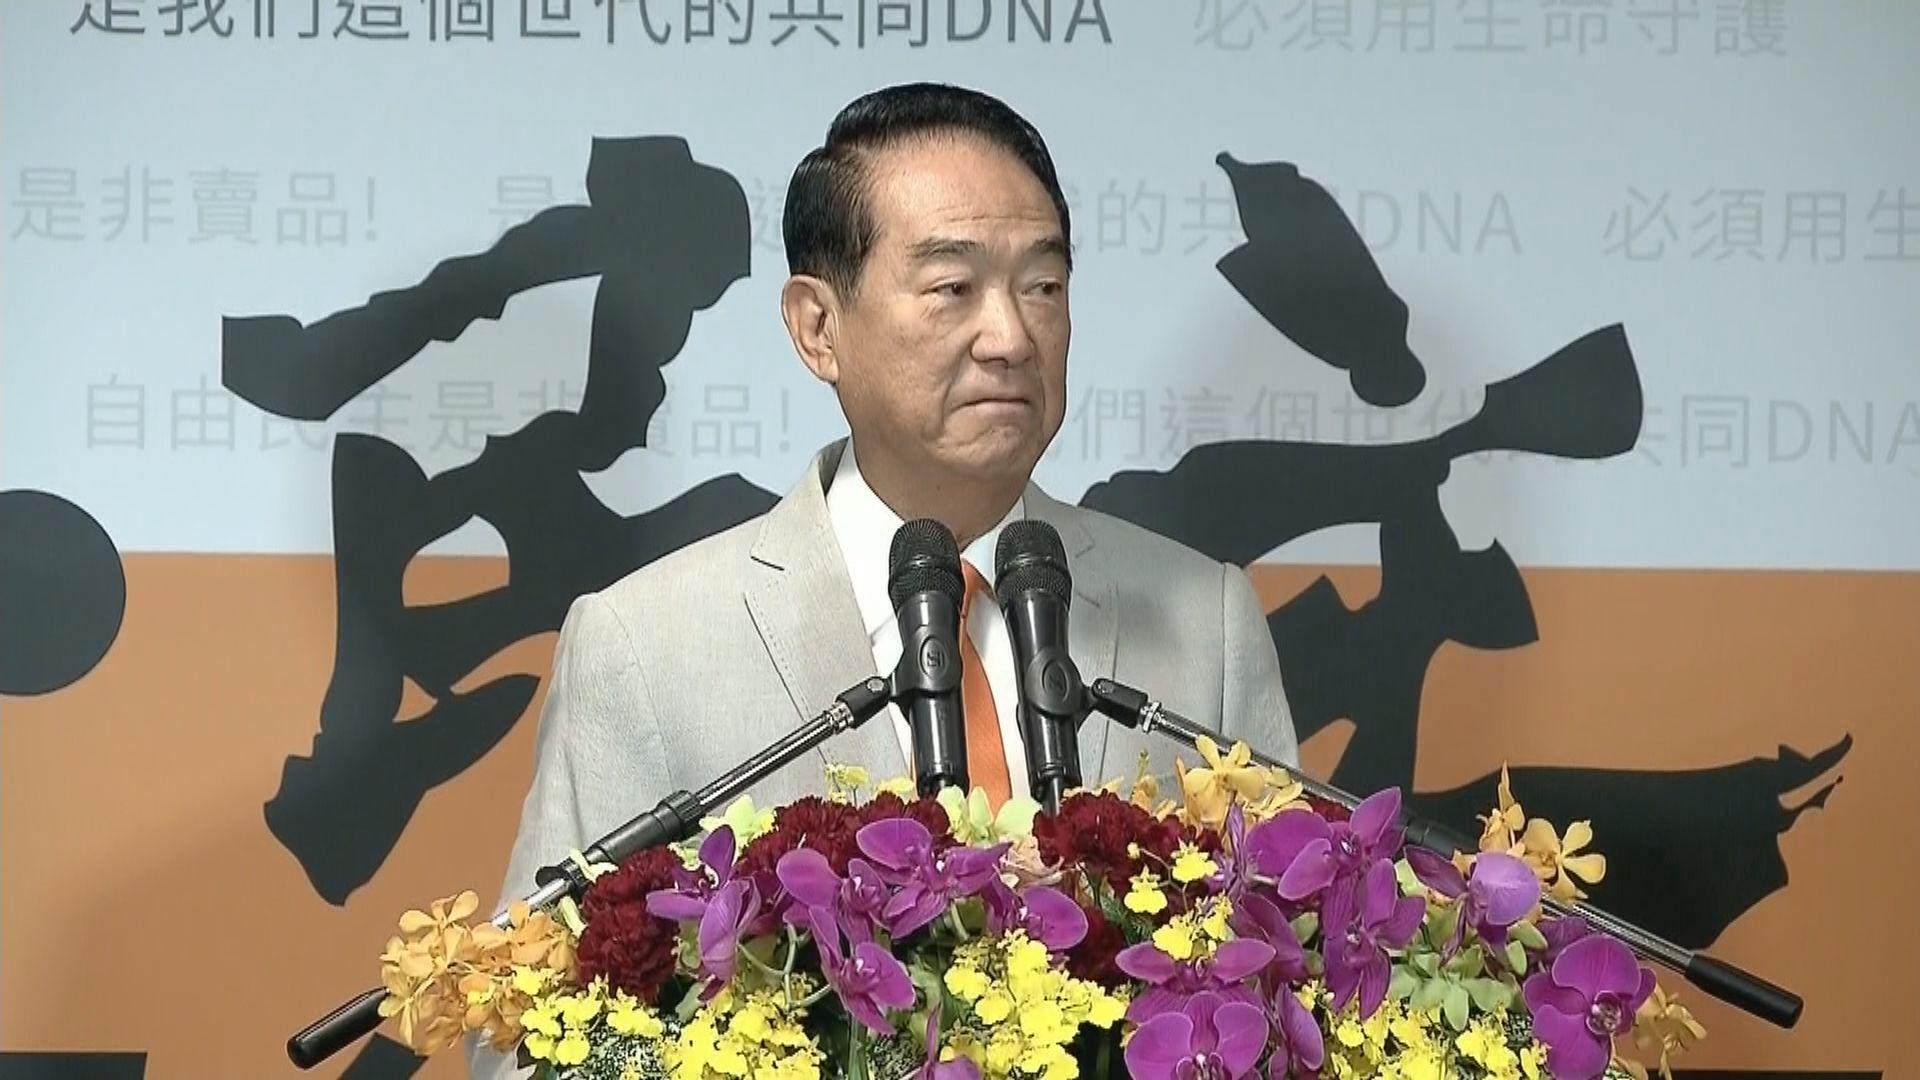 宋楚瑜宣布再度競逐總統